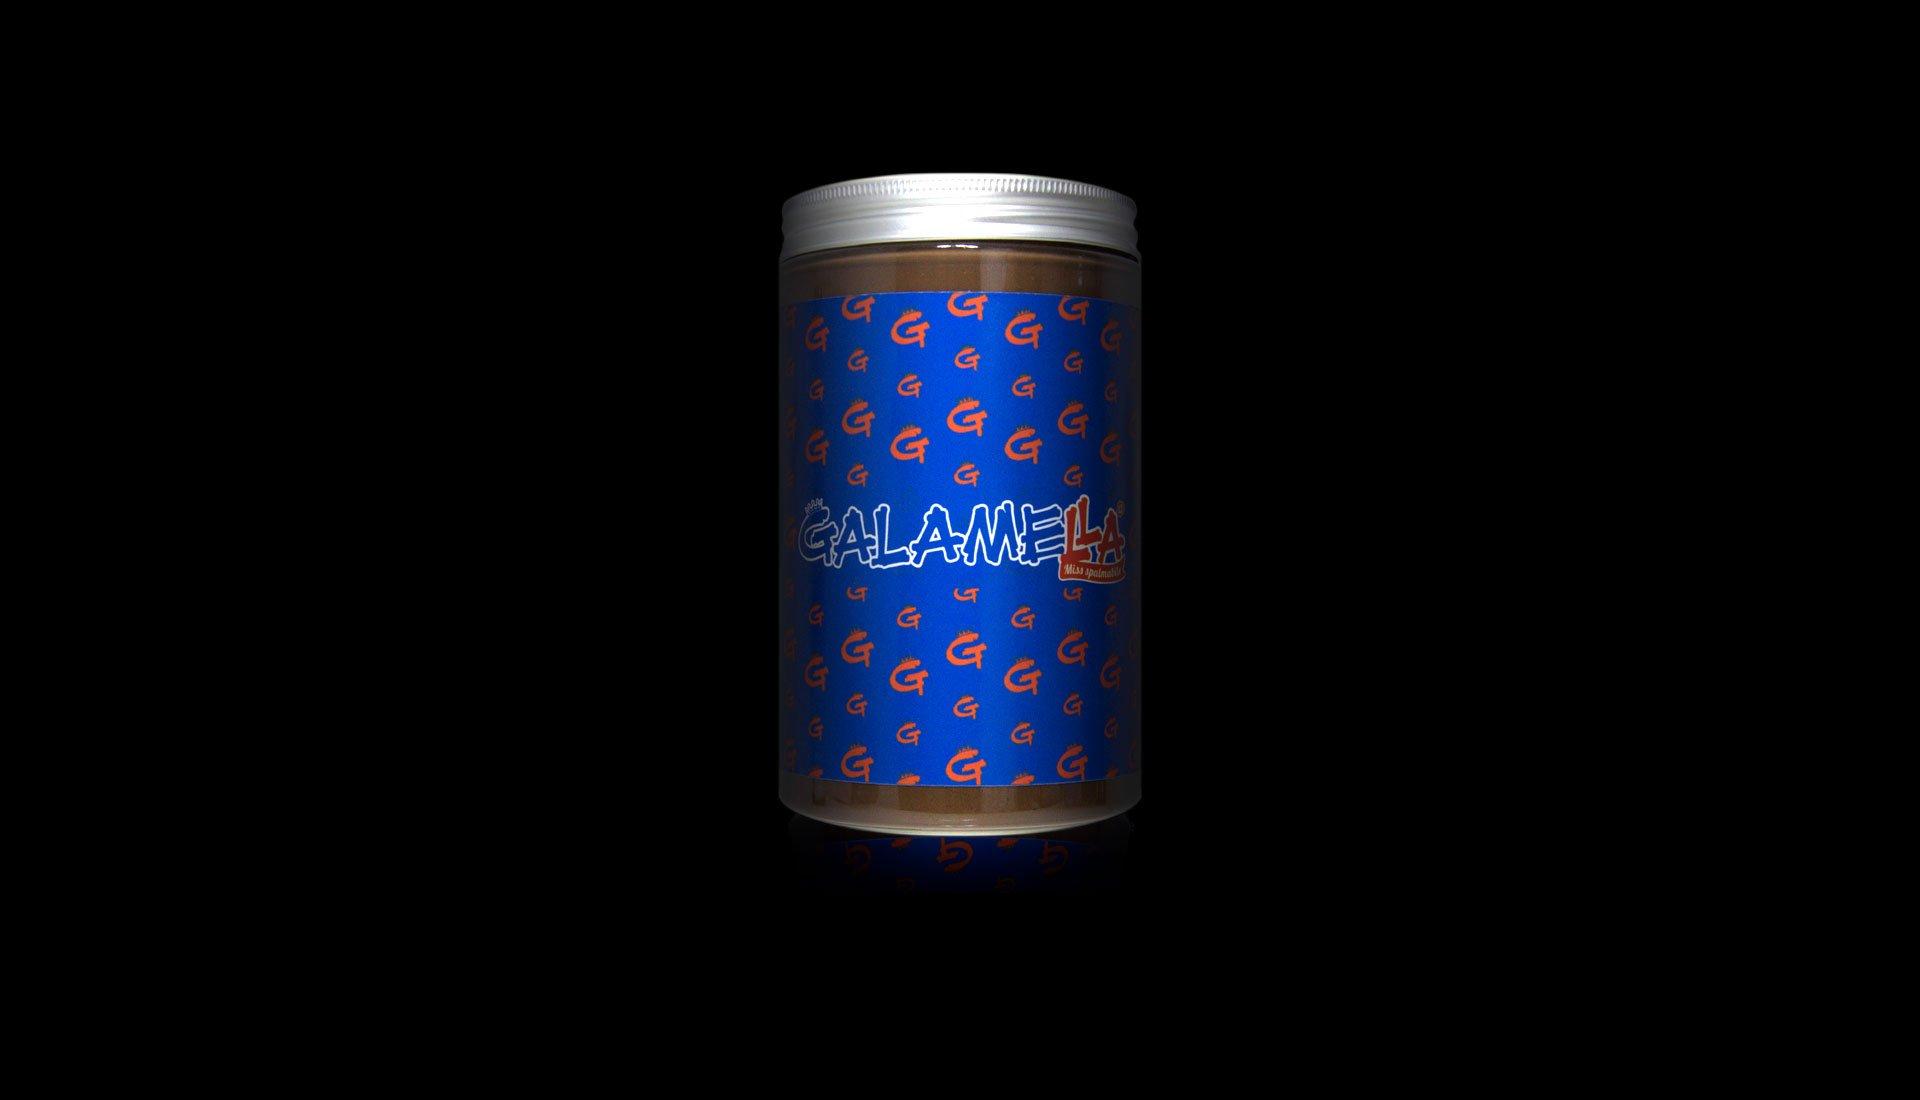 Il marketing di Galamella